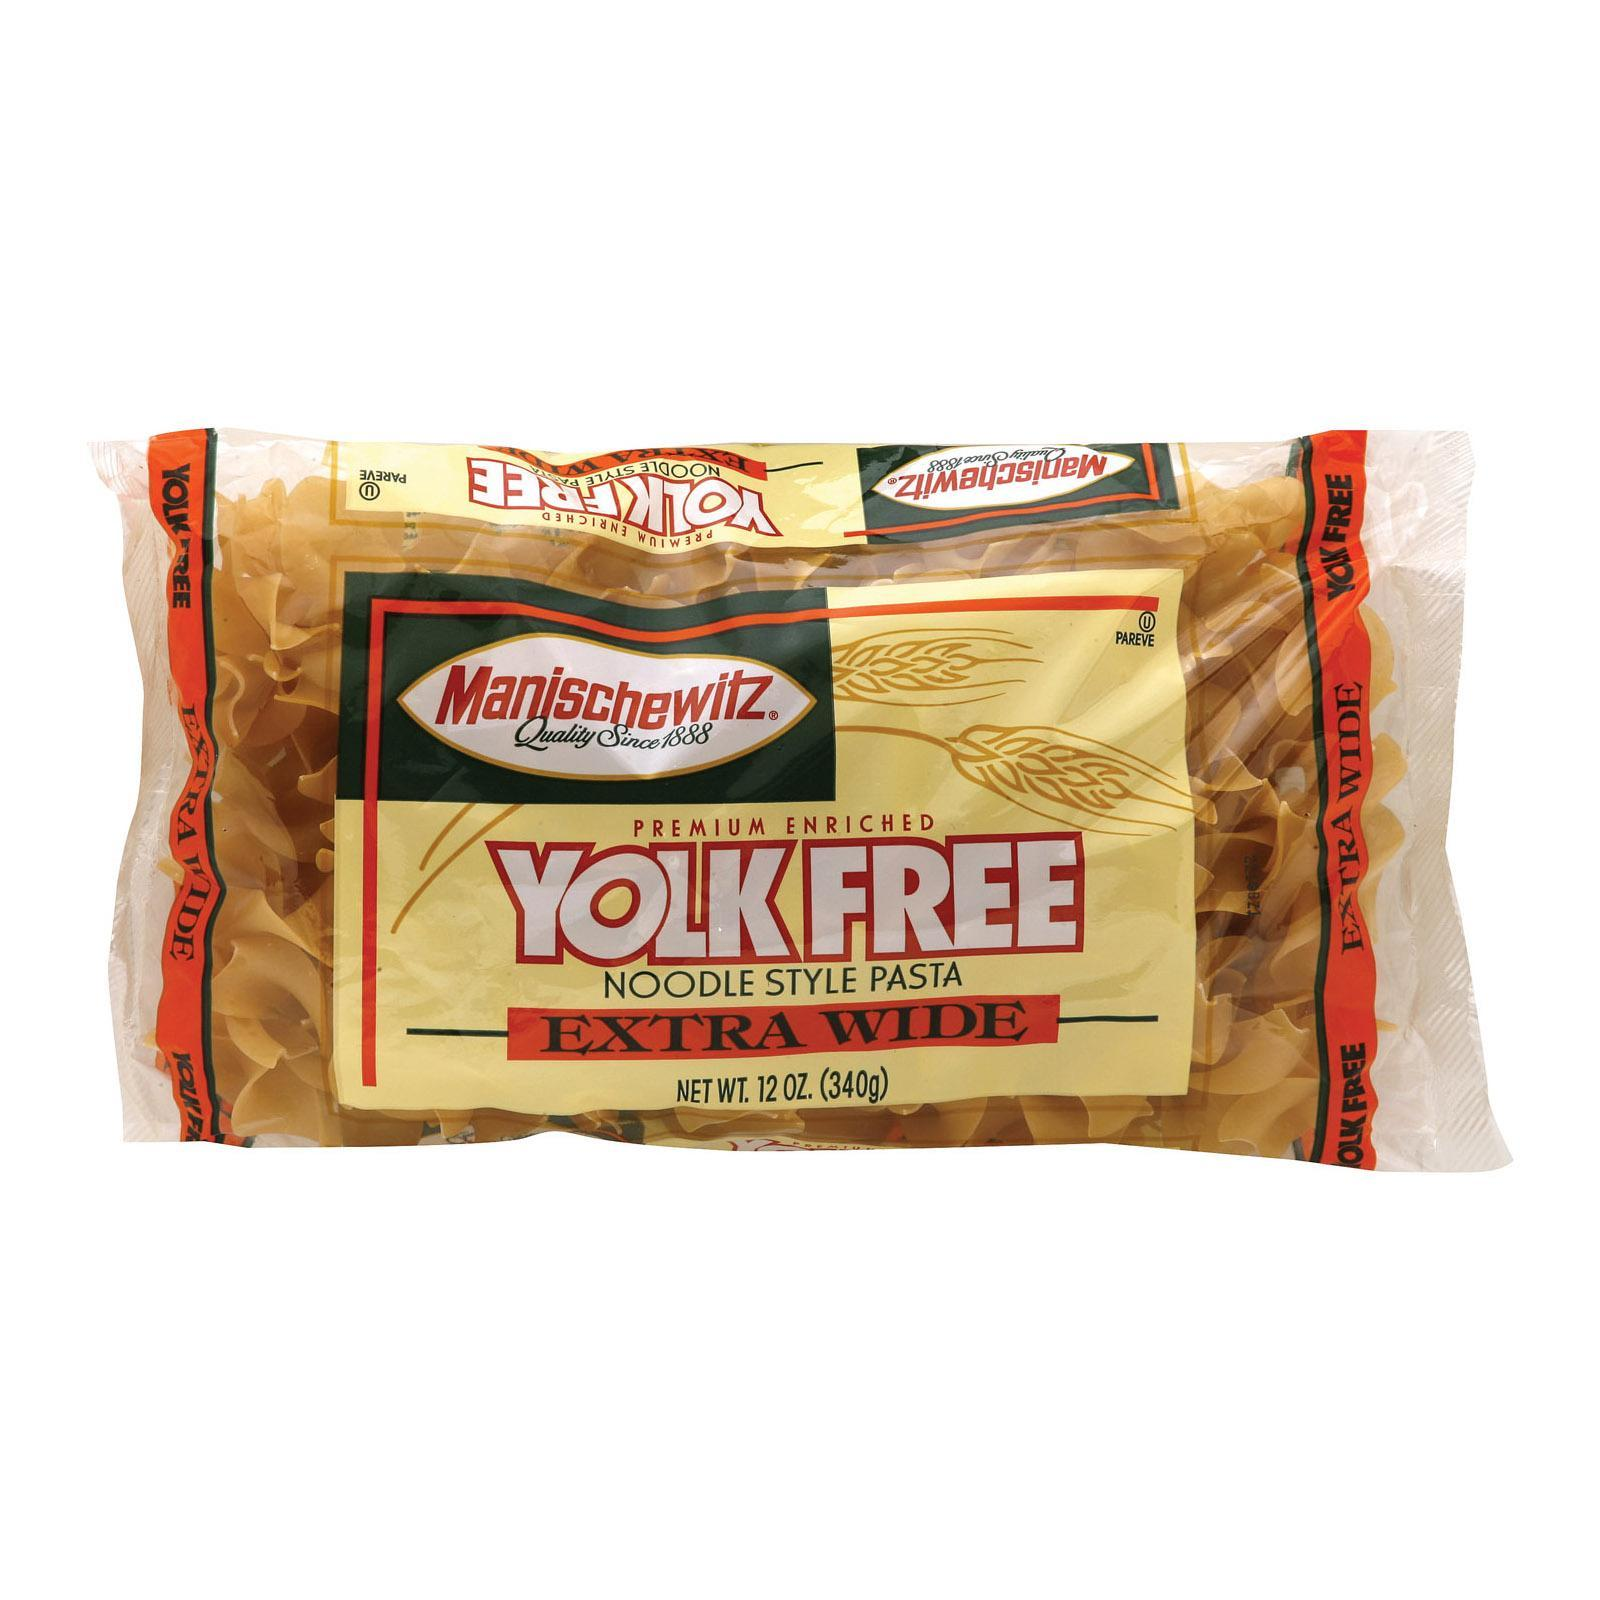 Manischewitz Extra Wide Yolk Free Noodles - Case Of 12 - 12 Oz.